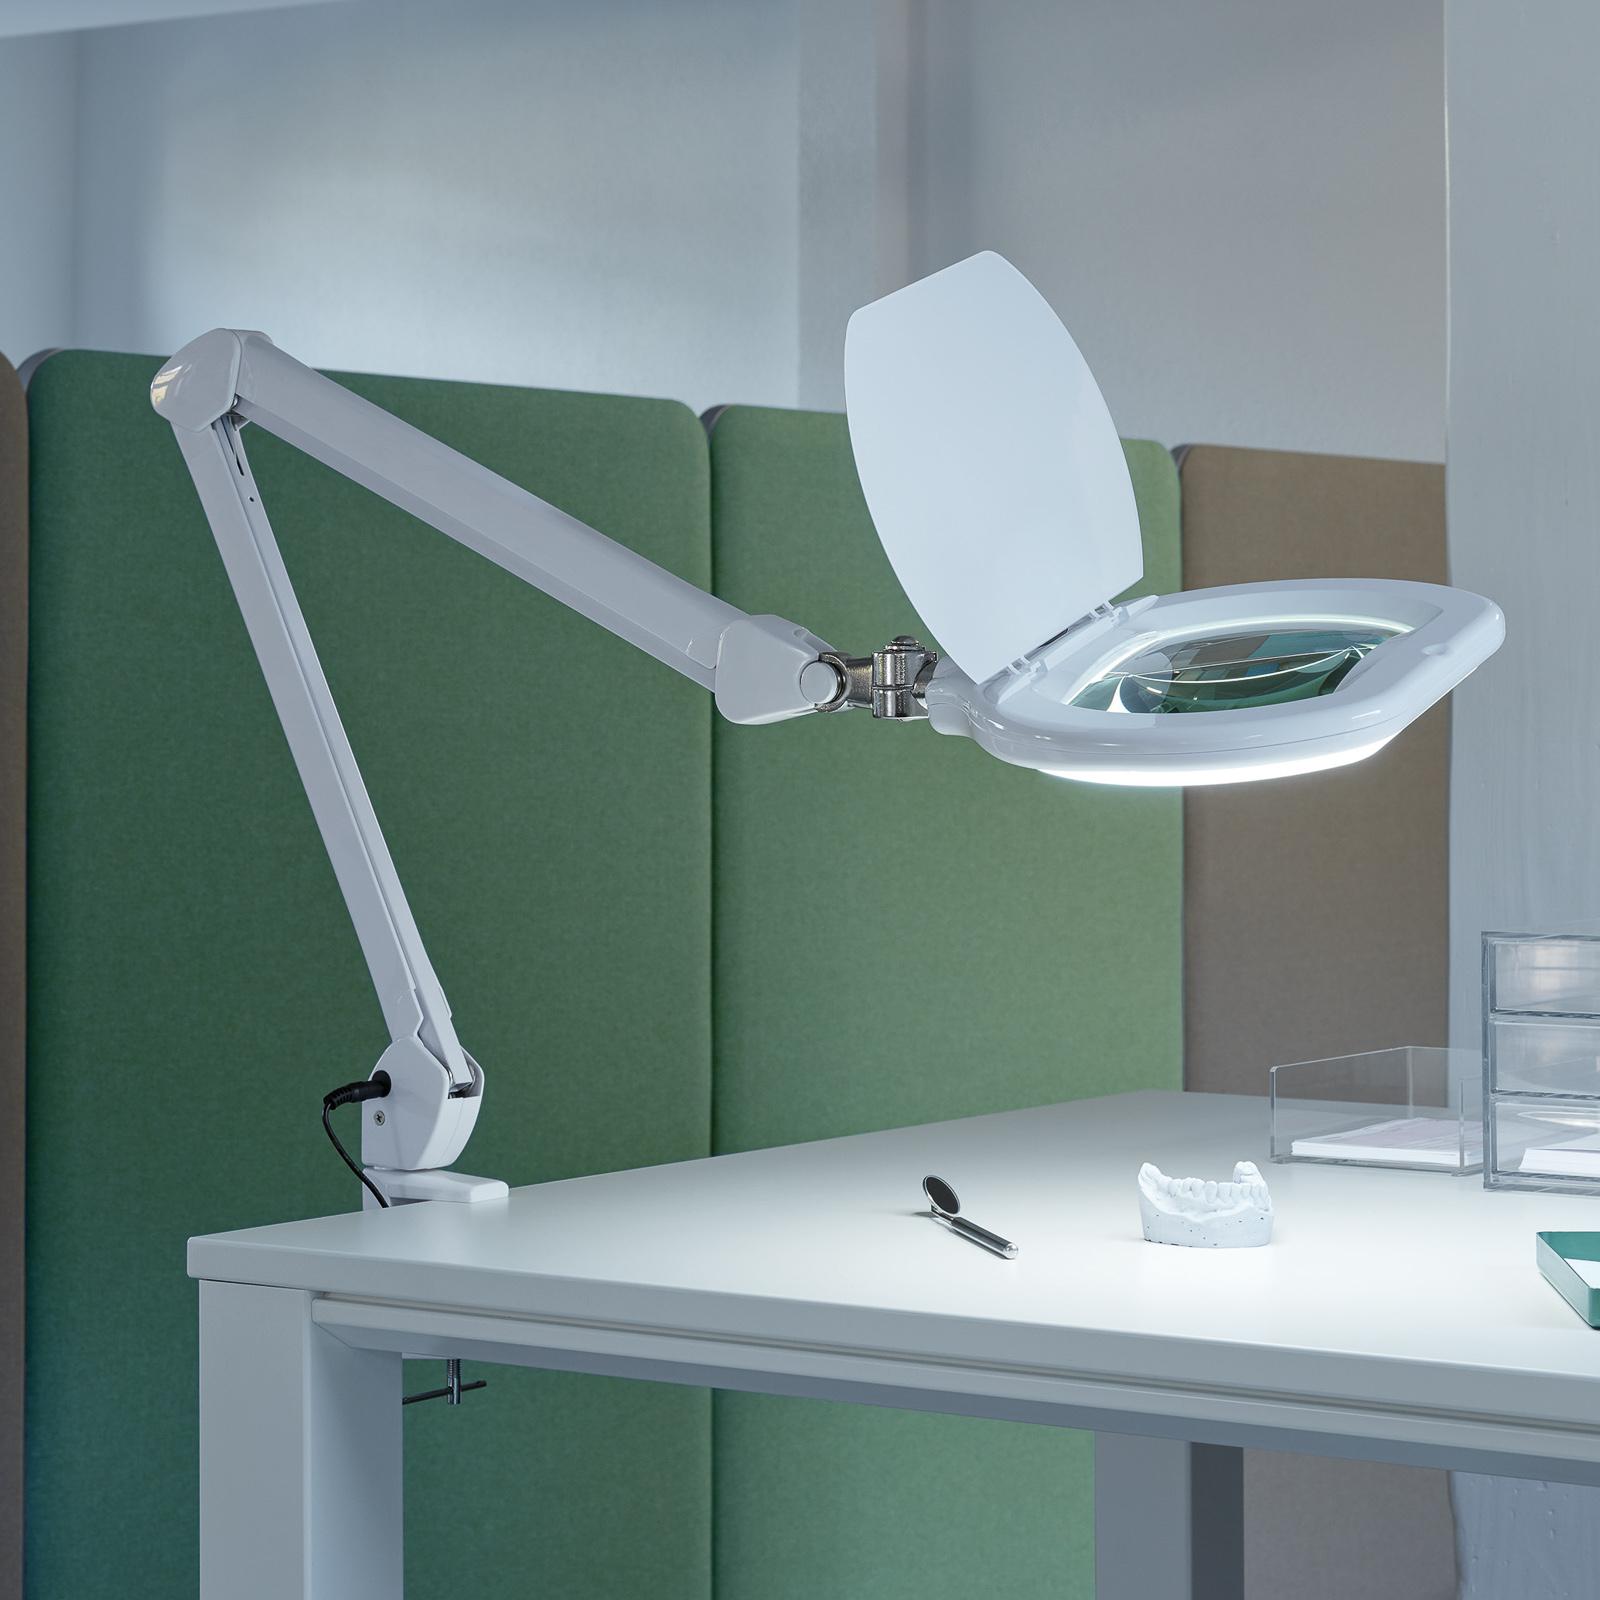 Lampa z lupą LED MAULcrystal, zacisk, ściemniana